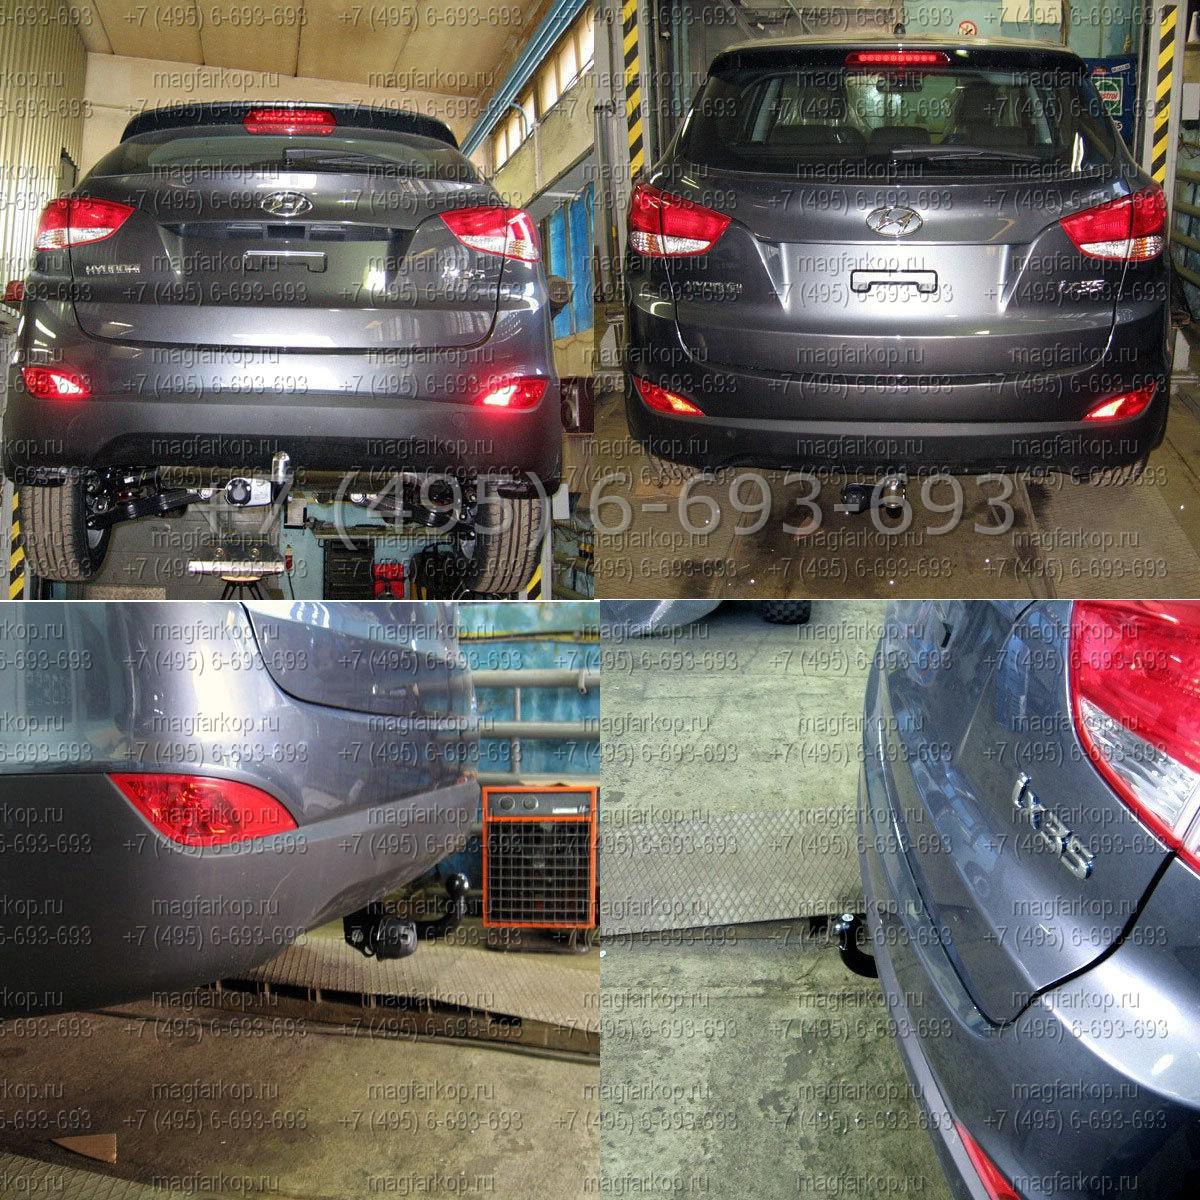 Смотреть ТСУ на Hyundai ix 35 — инструкция по установке видео